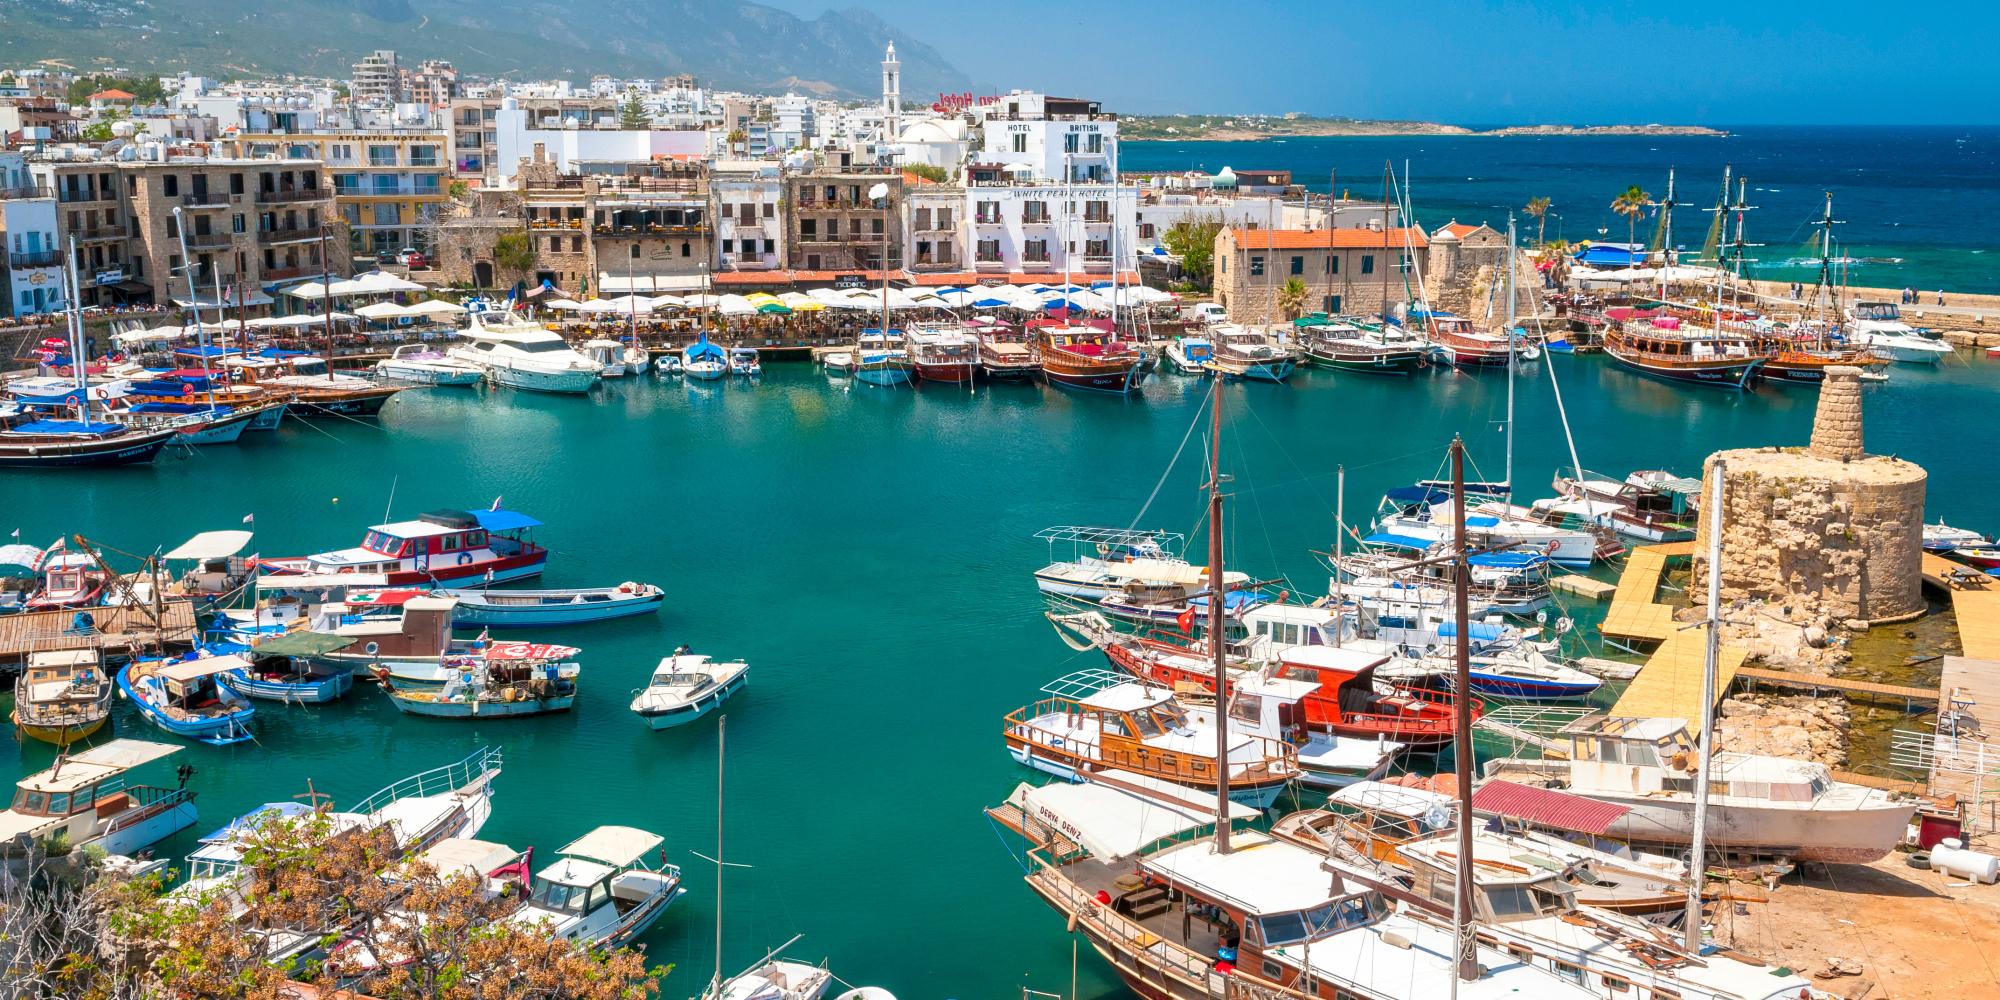 Turkey defiant amidst EU, US criticism on gas drilling off Cyprus